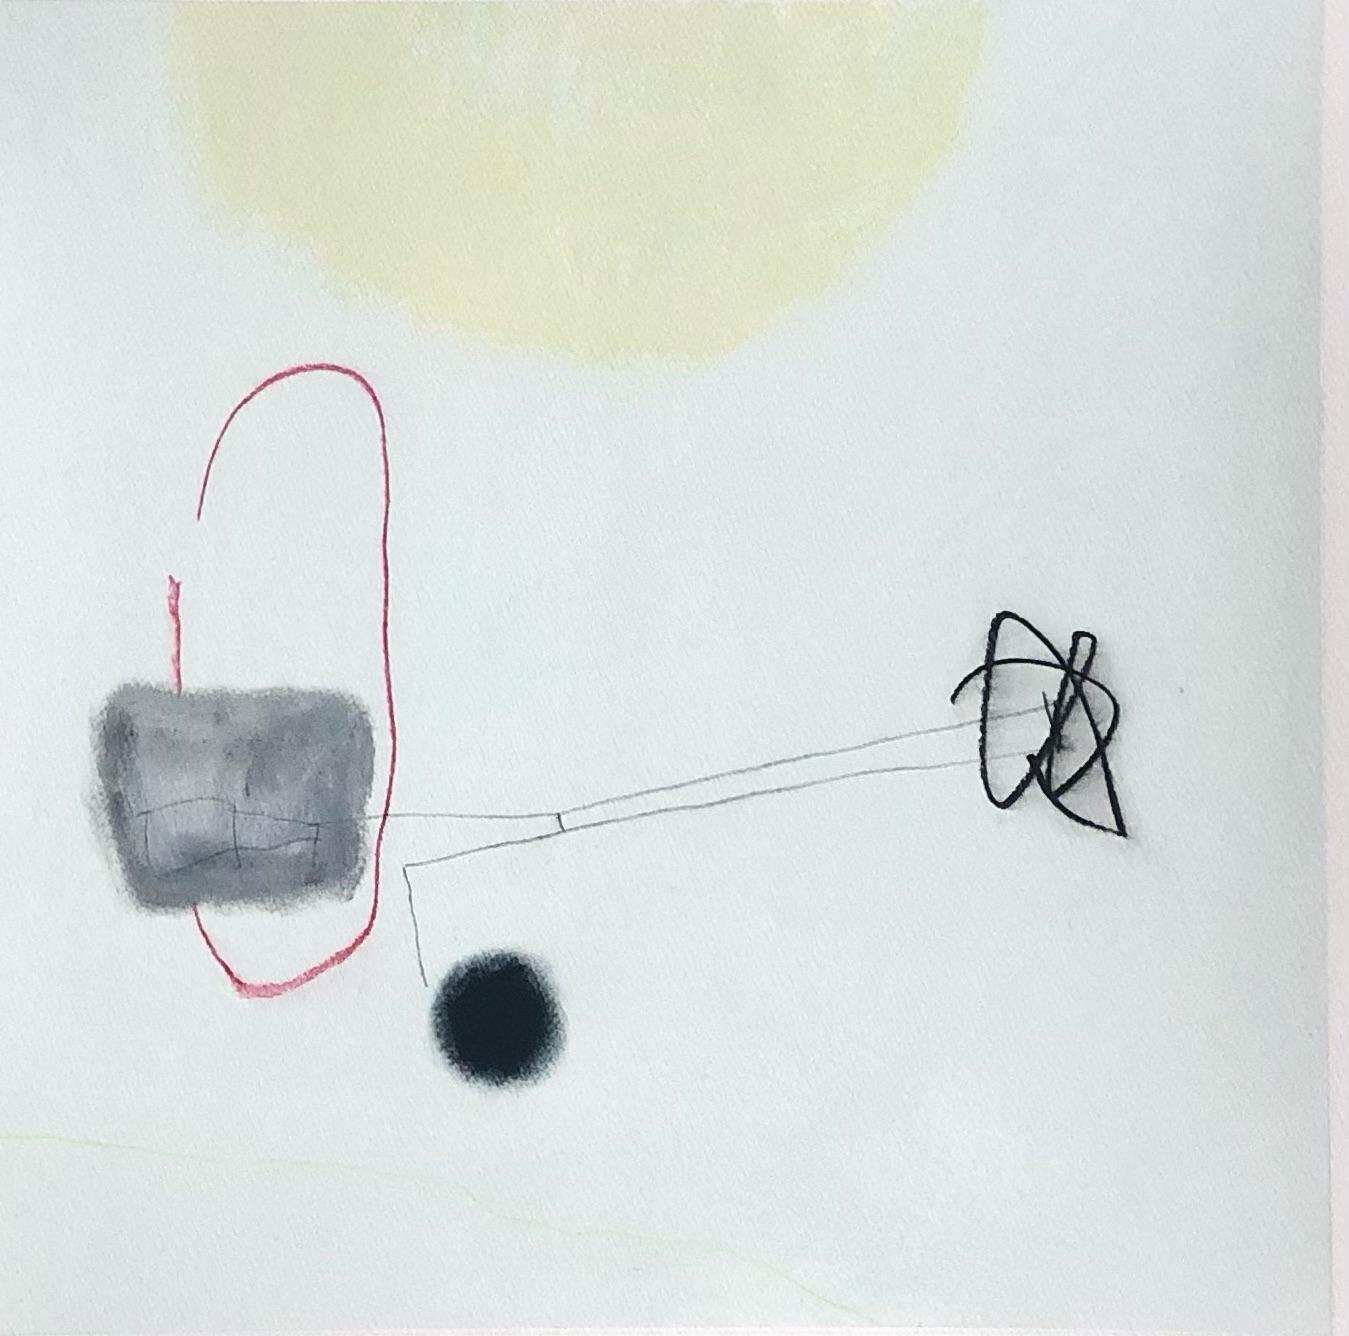 UFO 1 by Eli Barr